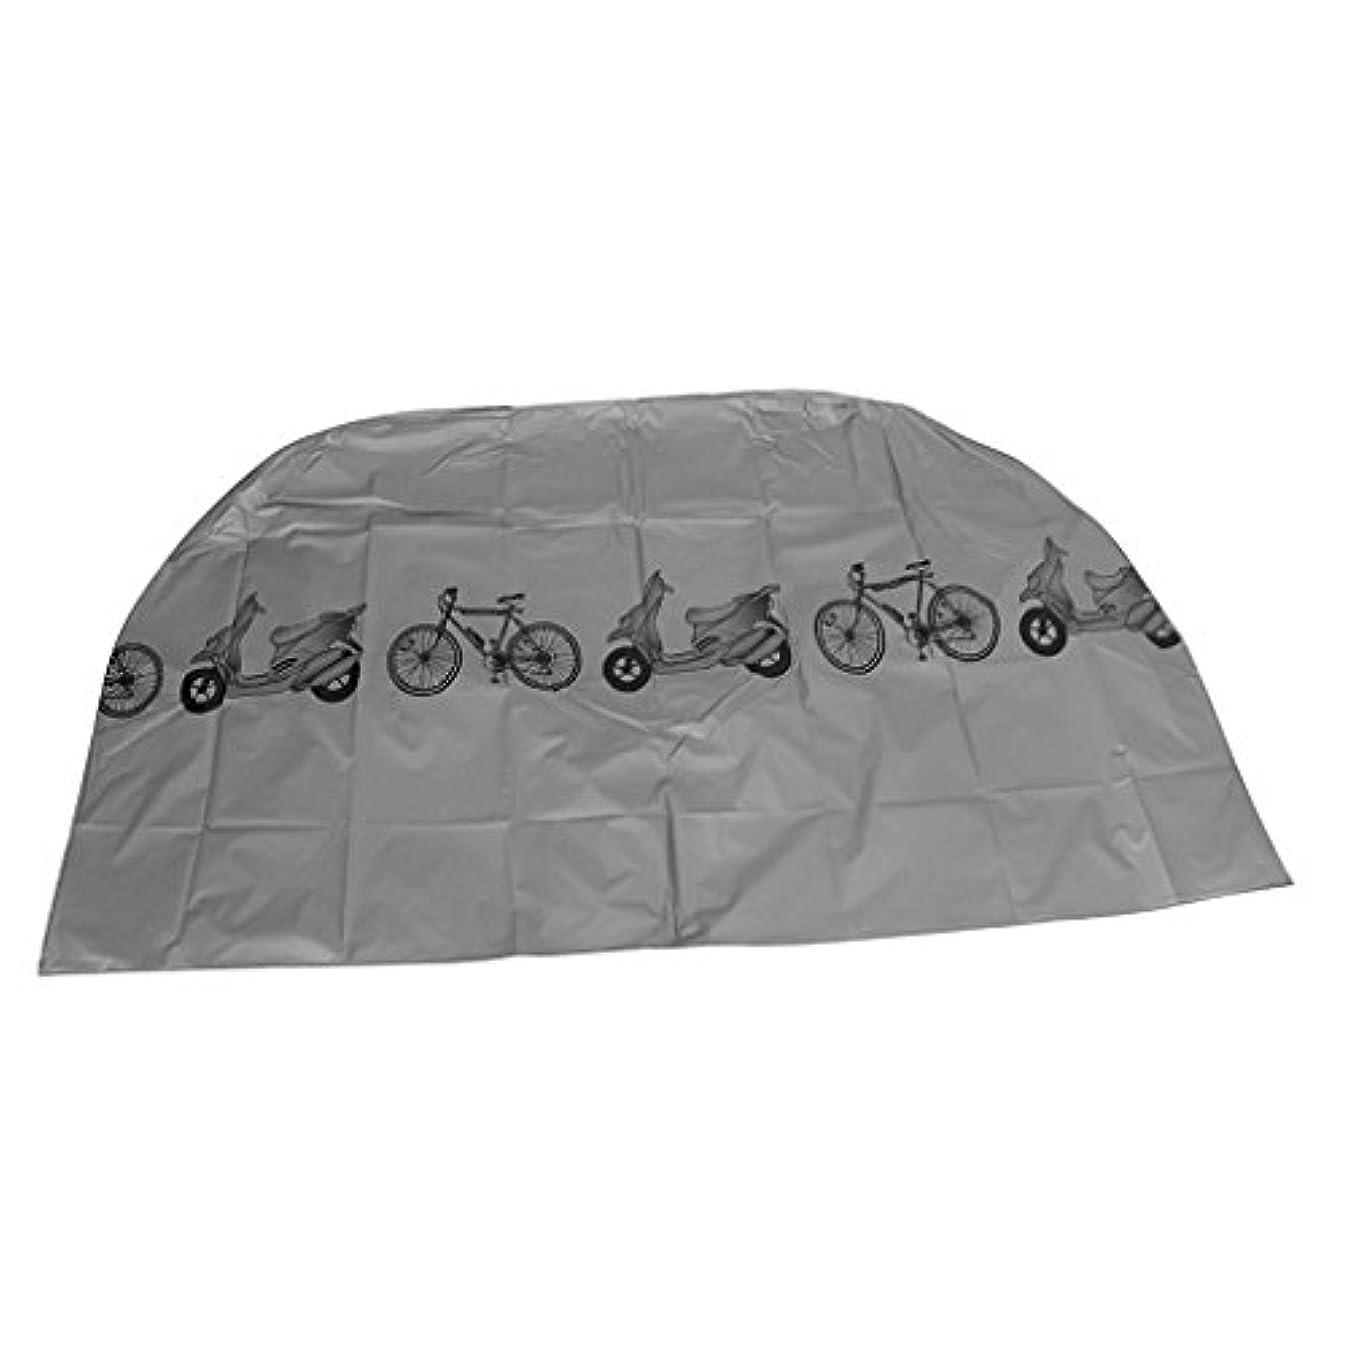 些細バランスのとれたきらめきSONONIA 耐熱 UVカット 自転車 雨 ダストプルーフ カバー 屋外 防水 マウンテン ロードバイク適用